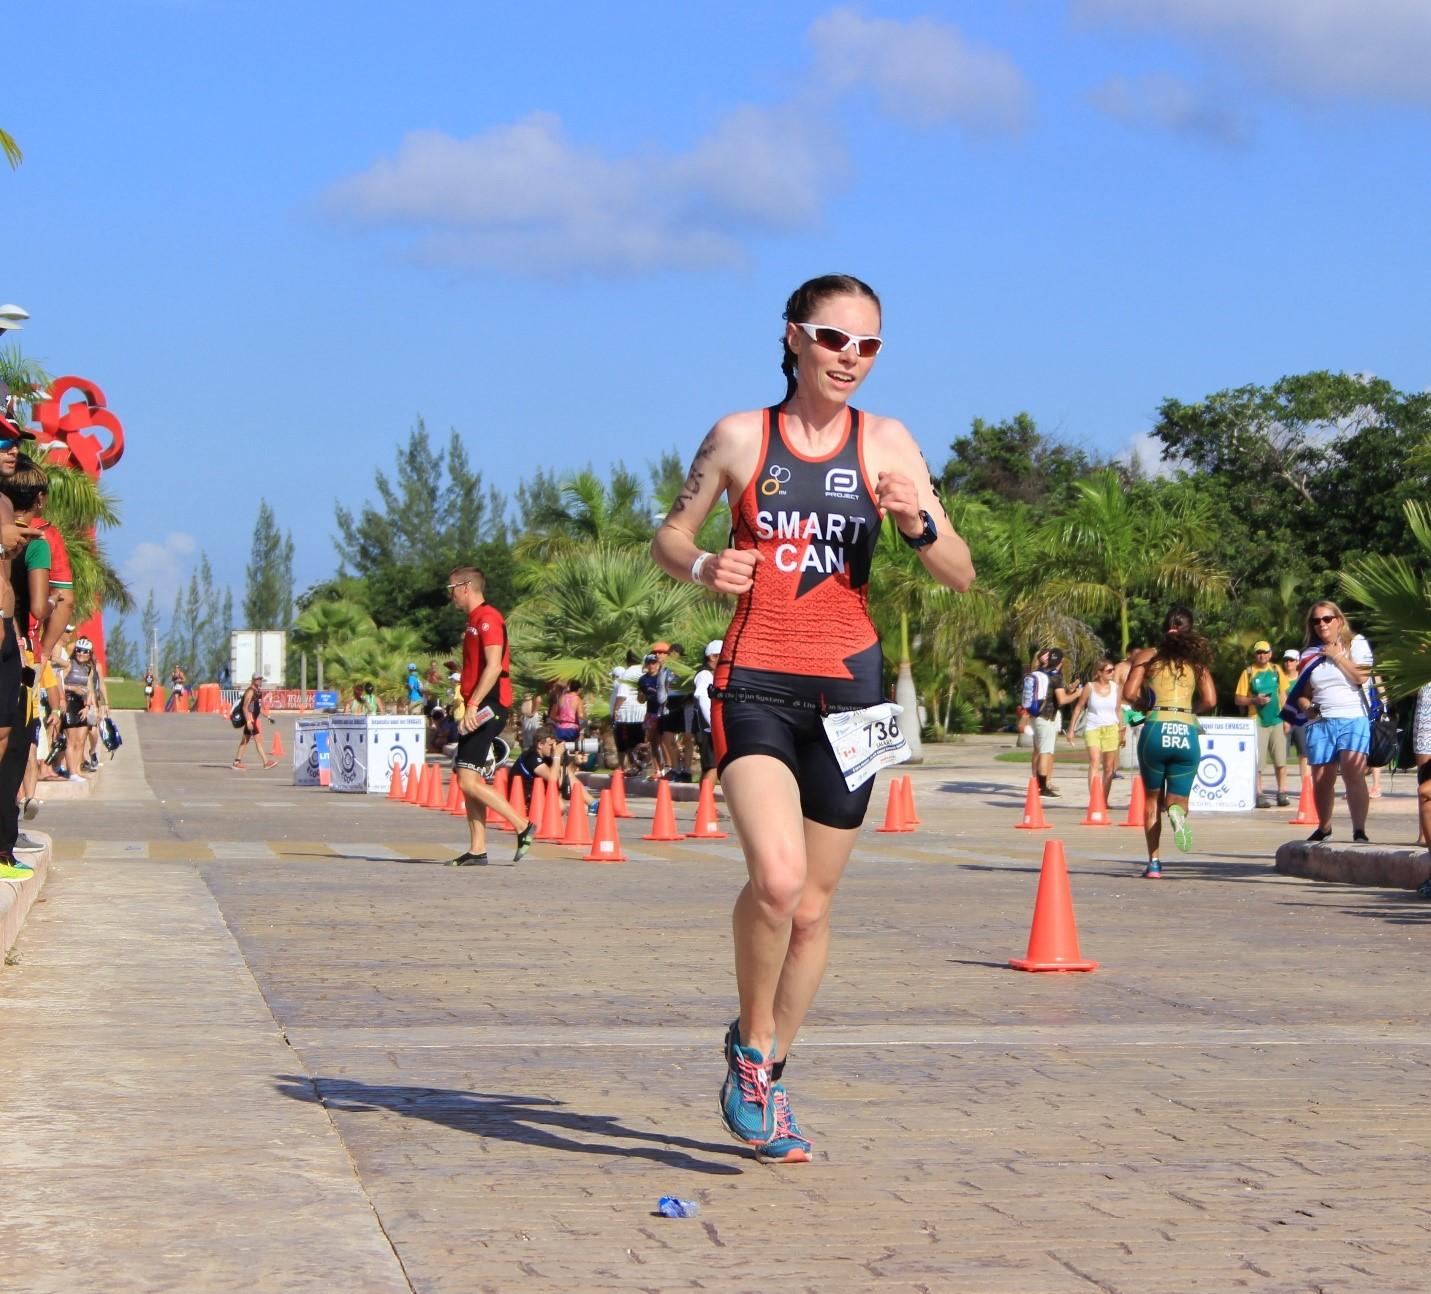 Courtenay Mexico Cozumel World Triathlon Championships